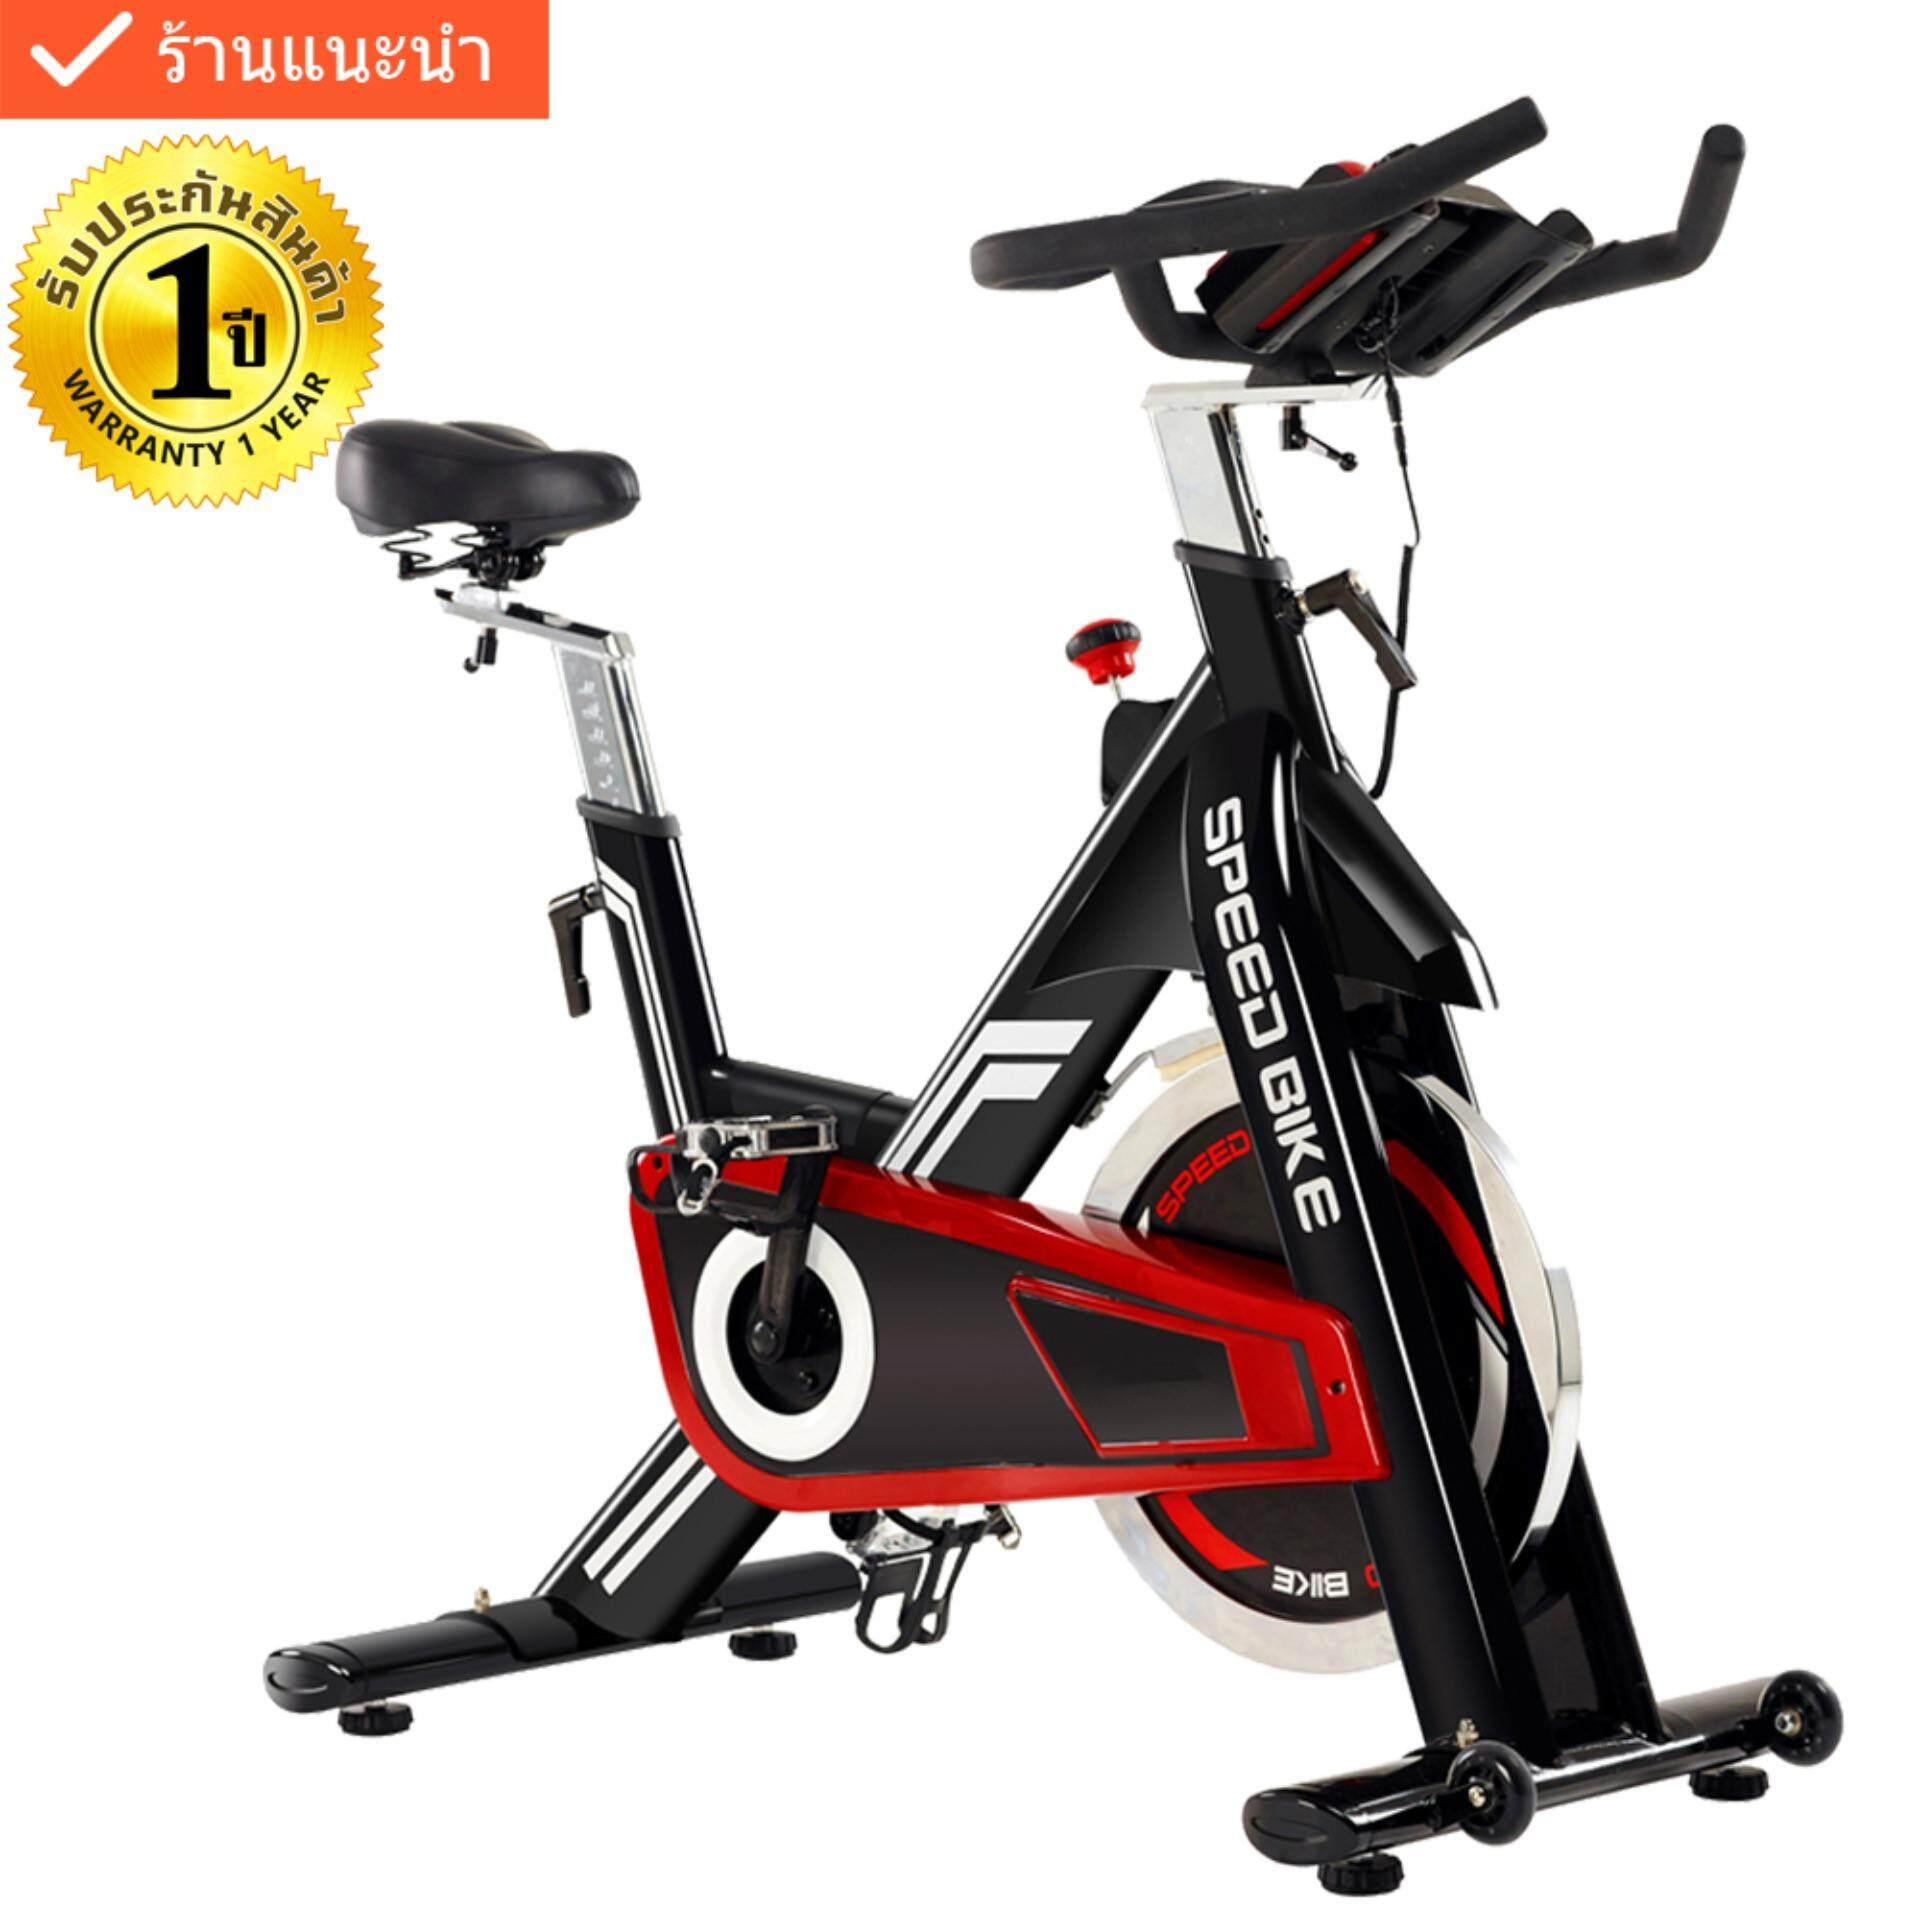 ซื้อ Power Reform จักรยาน Spin Bike จักรยานฟิตเนส Exercise Bike Spinning Bike Commercial Grade รุ่น Speed Bike สีดำ ถูก ไทย